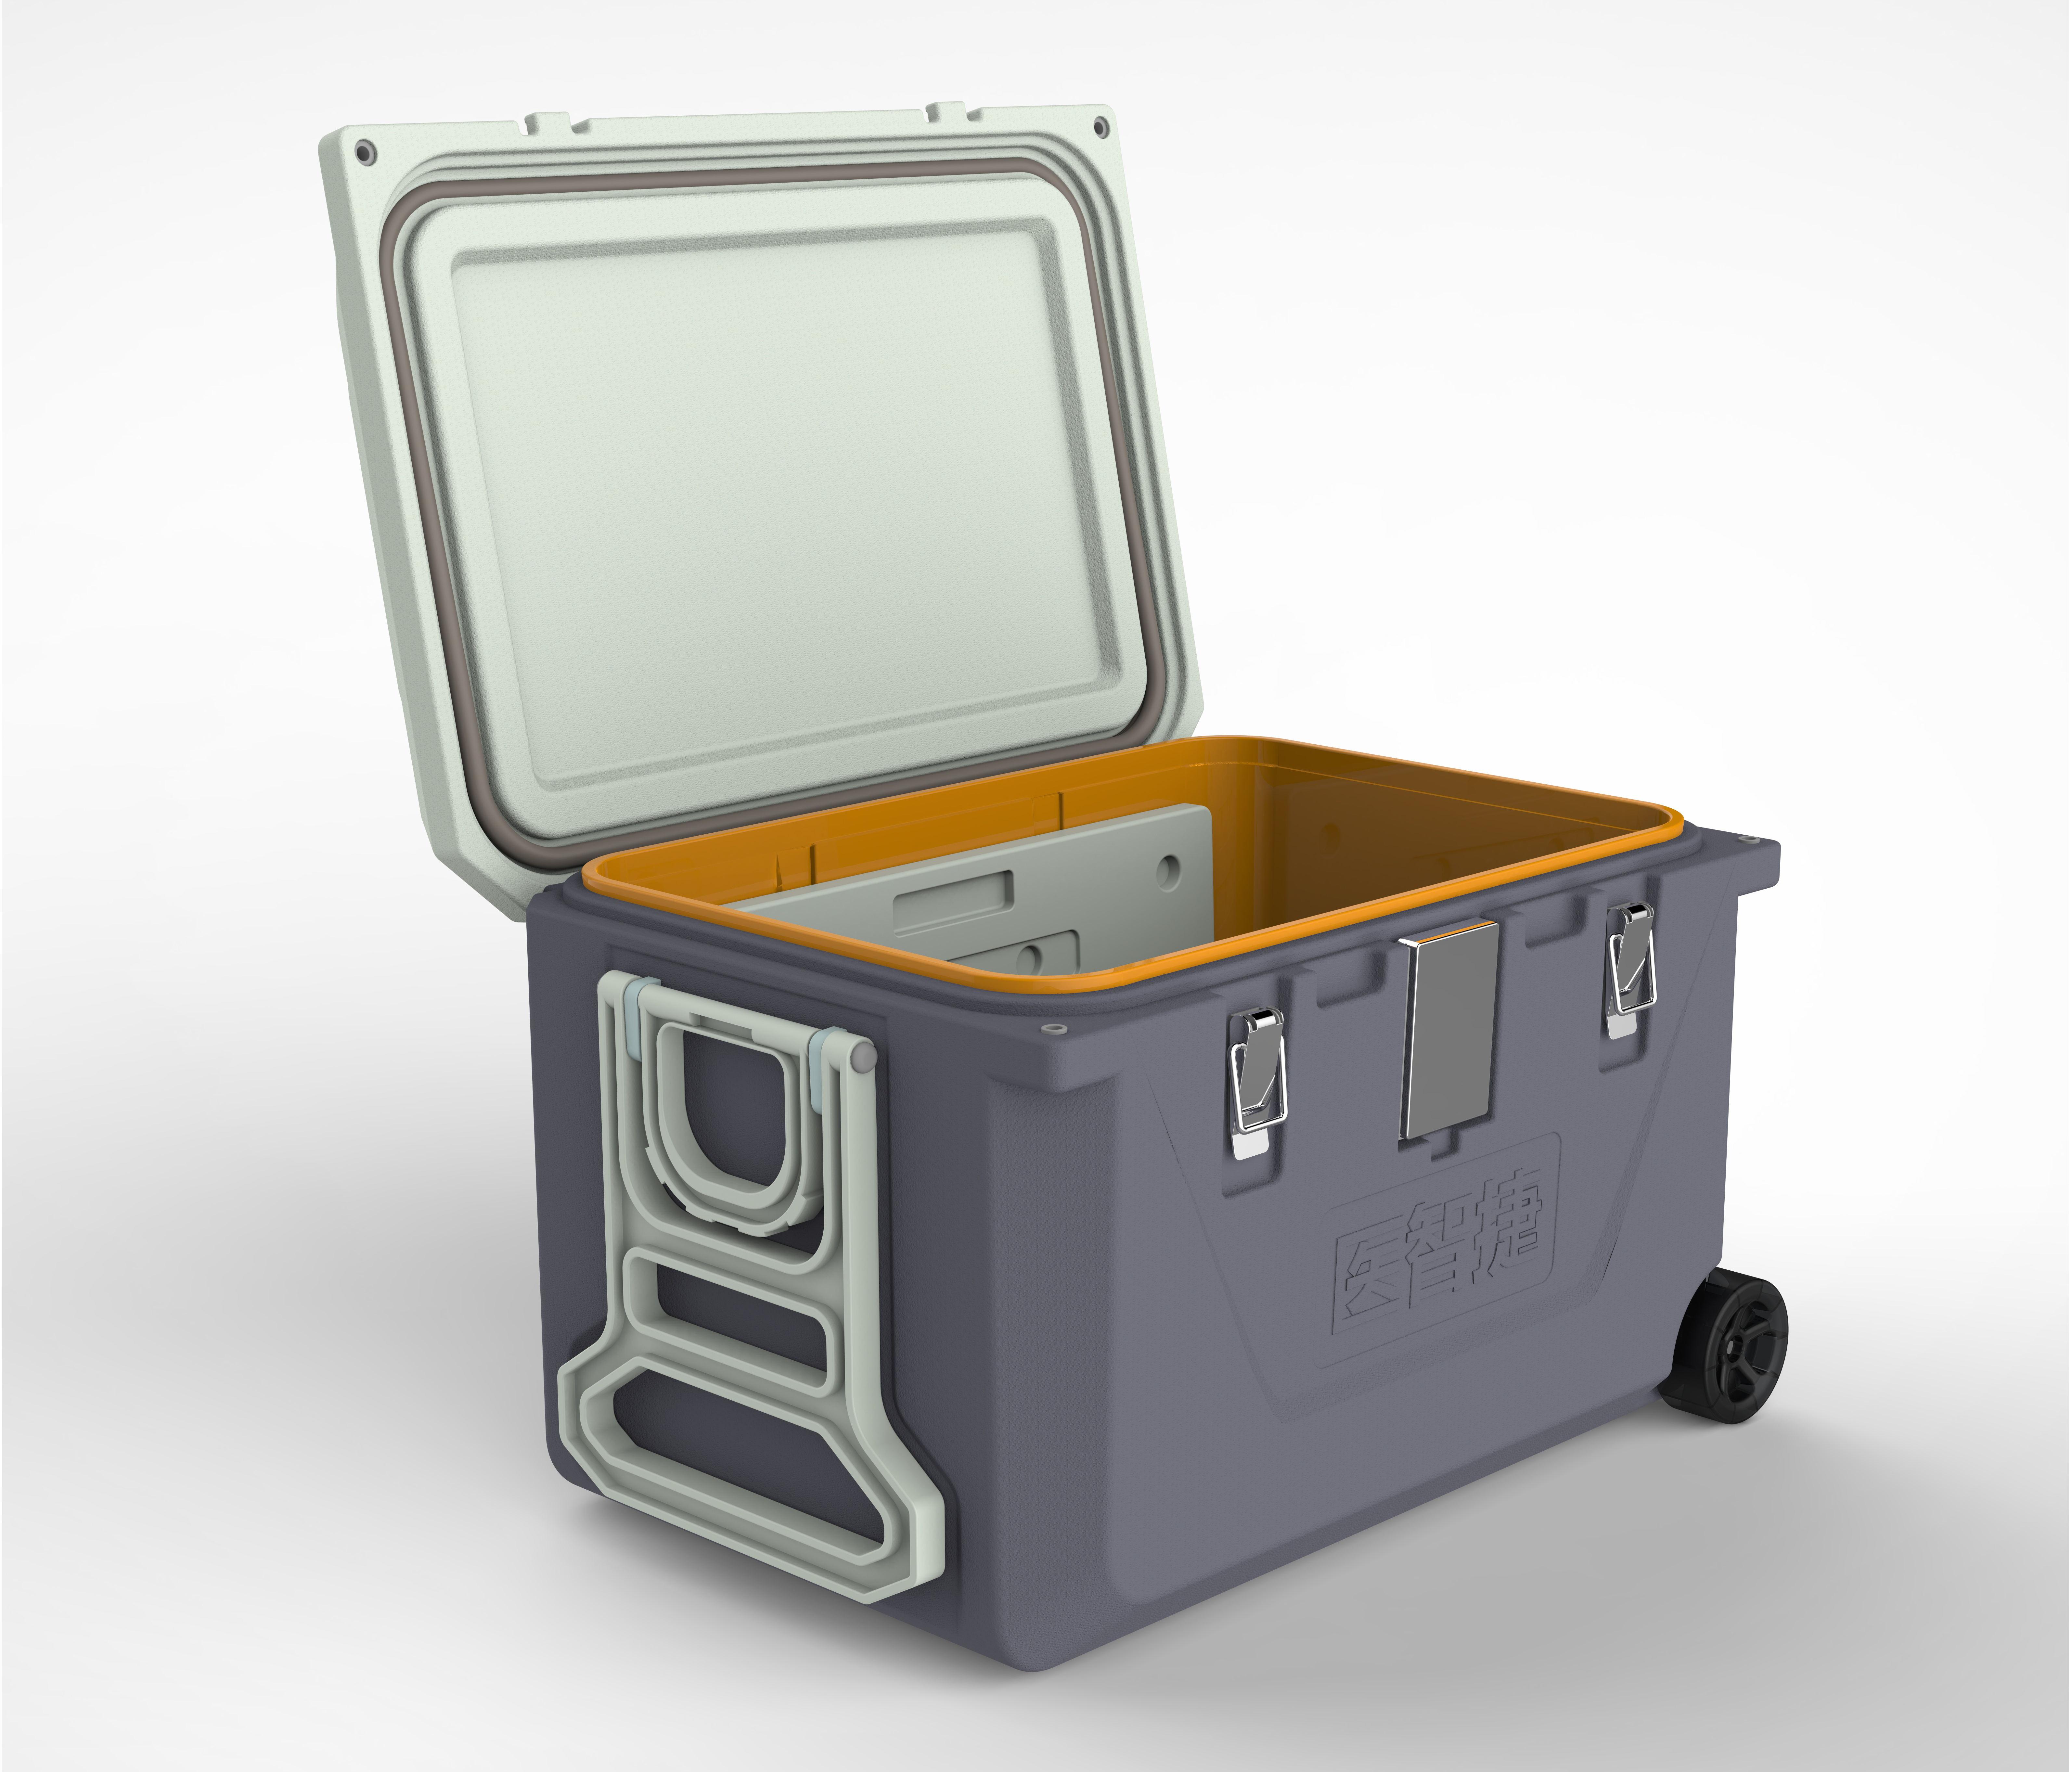 医智捷保温箱冷链箱符合GSP 温度记录 标本 生物安全箱 冷藏箱